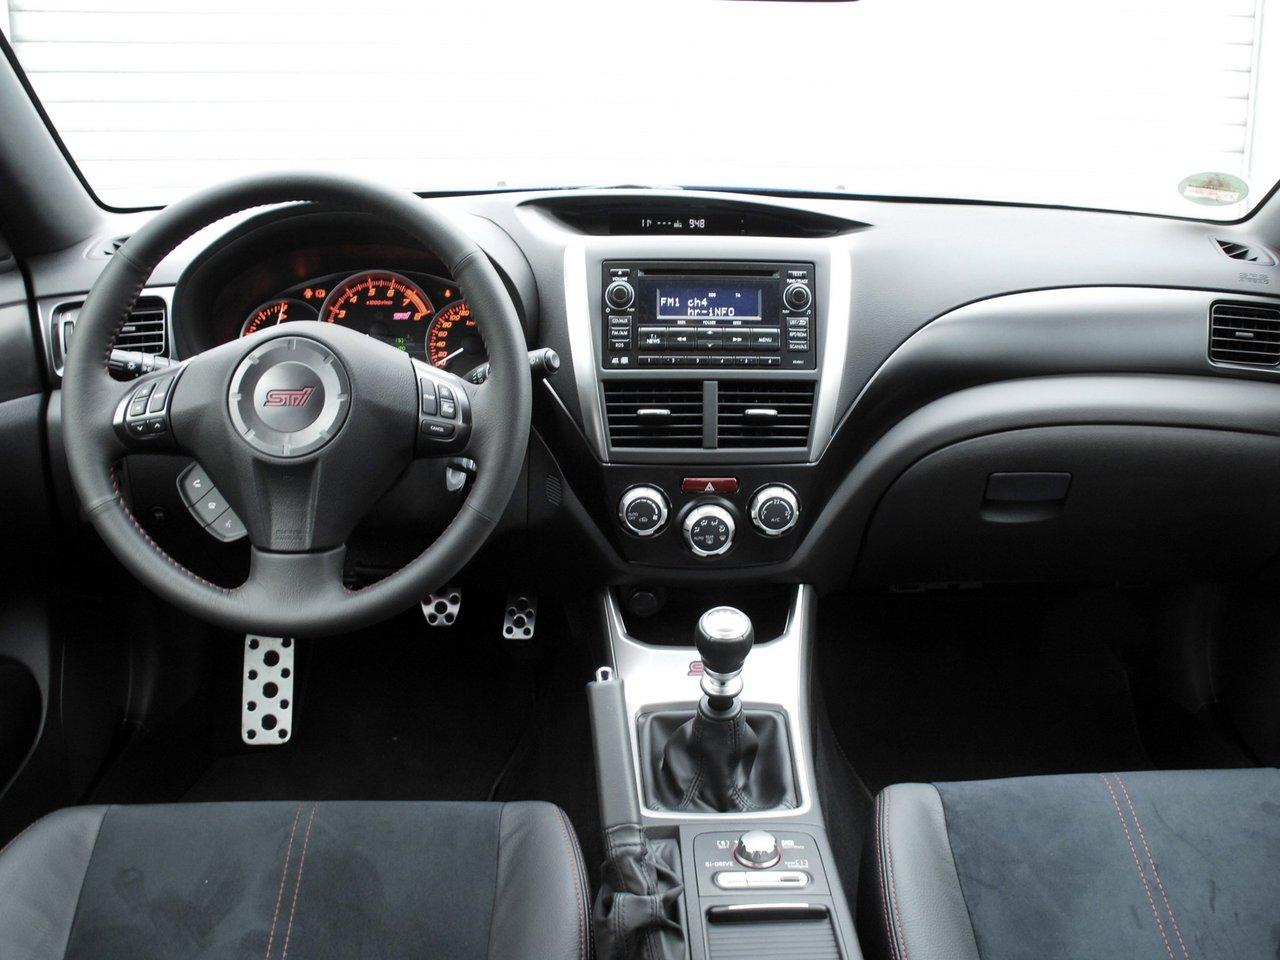 Снимки: Subaru Impreza 3 WRX STI Sedan